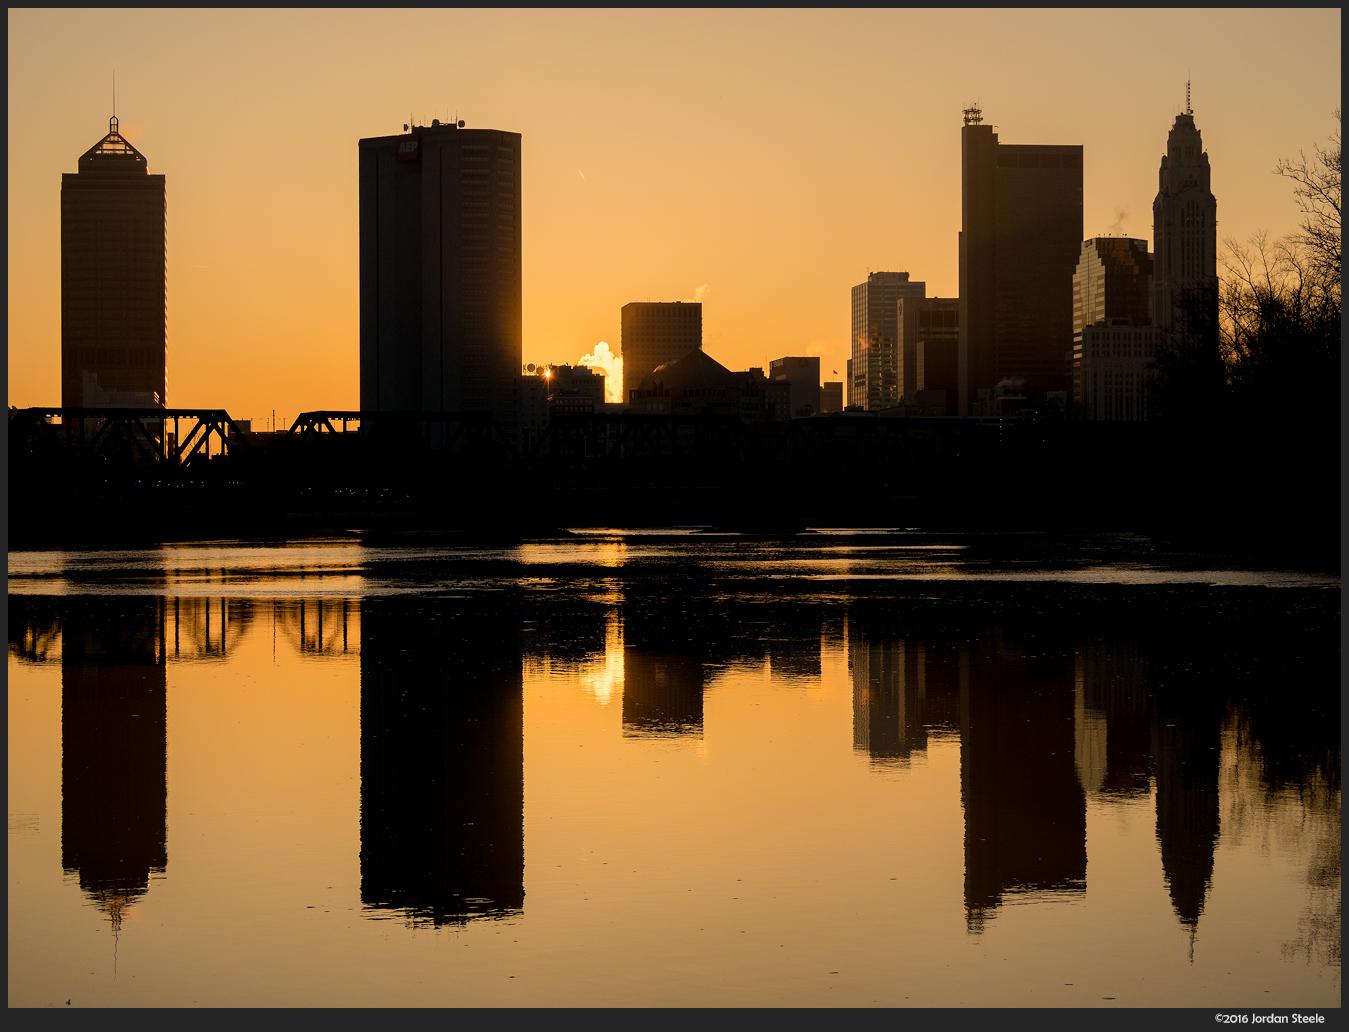 Columbus Sunrise - Olympus Pen-F with Olympus 40-150mm f/4.5-5.6 @ 40mm